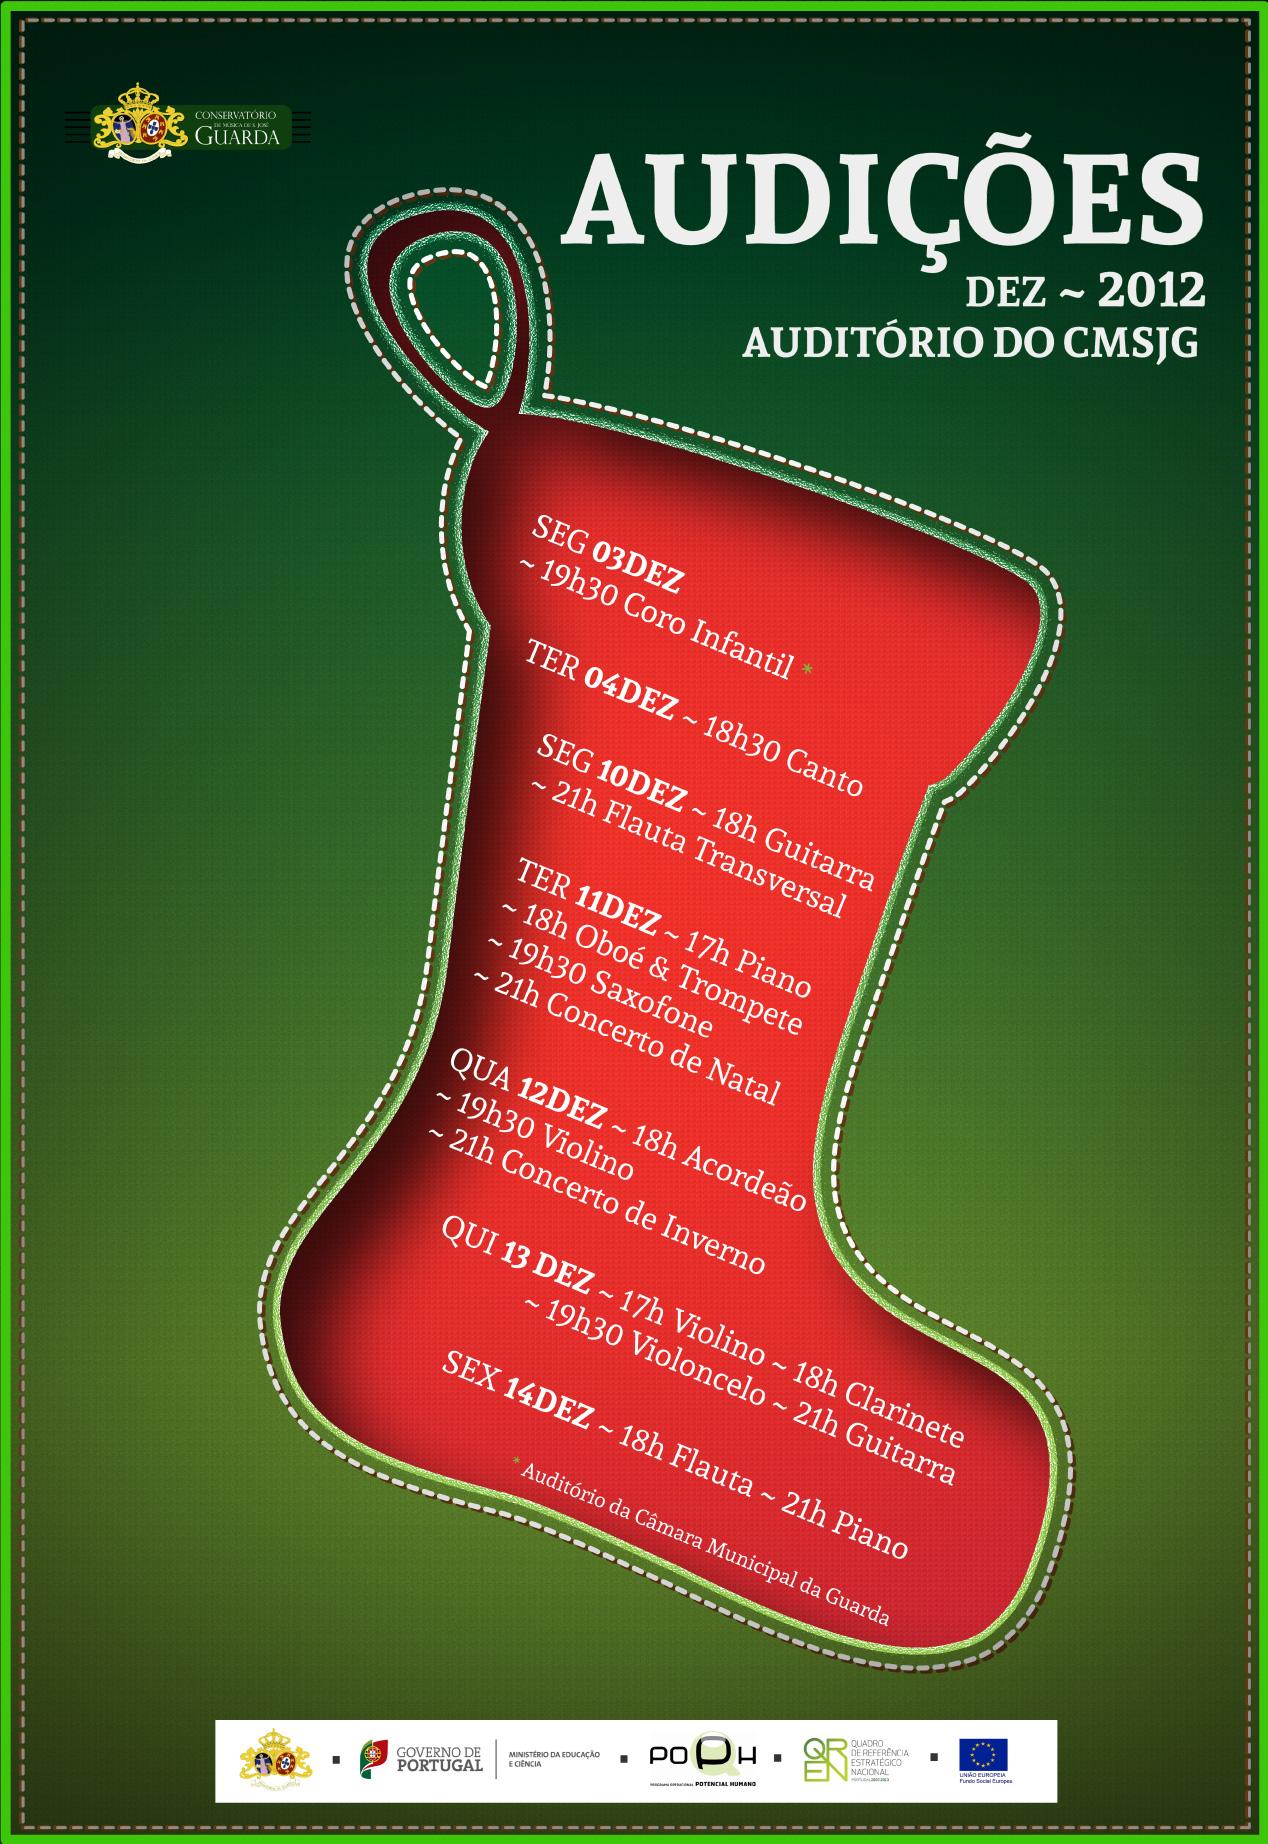 Audições Dezembro~2012